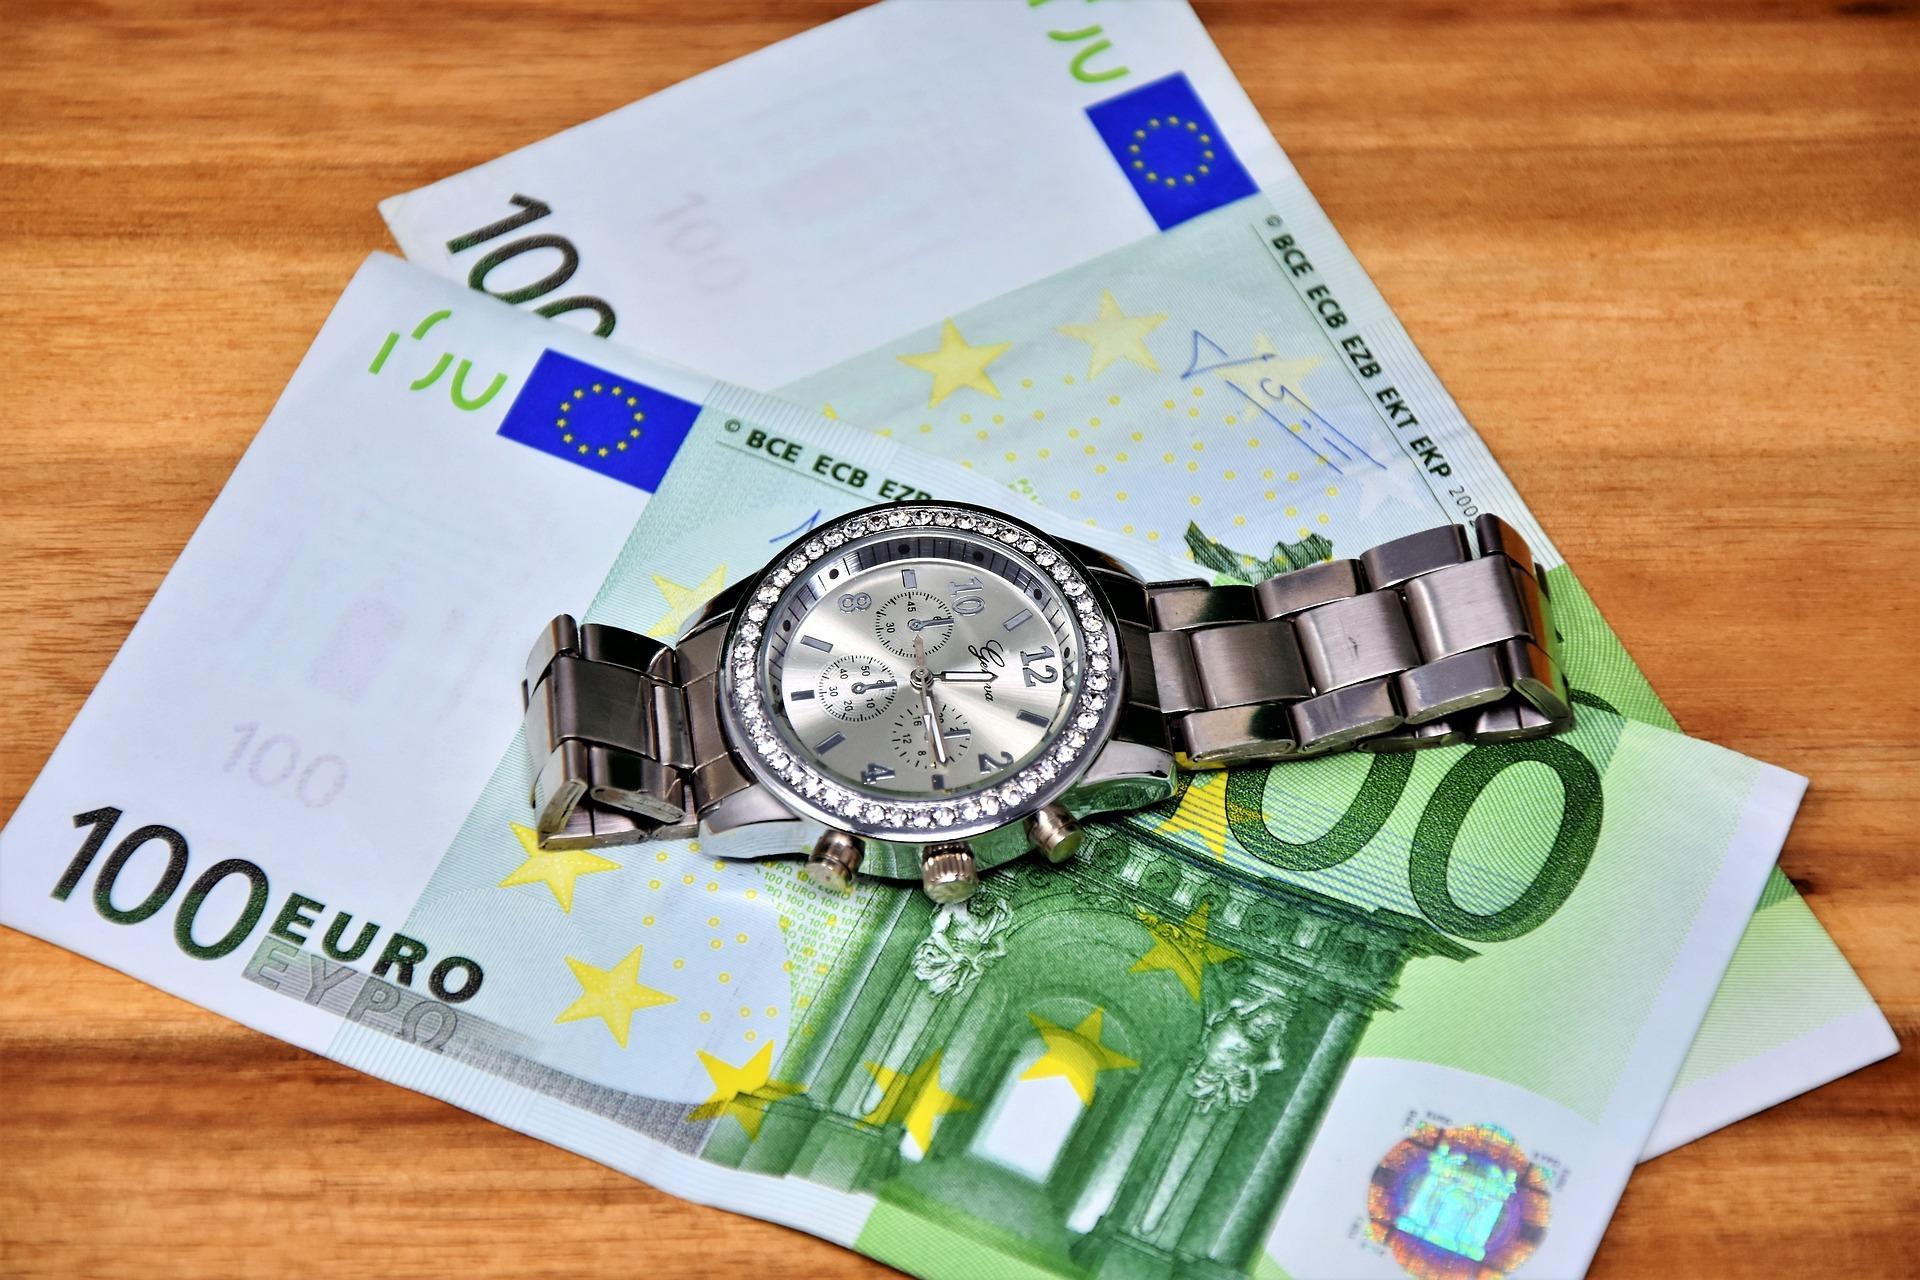 Öffentliche Zustellung eines Steuerbescheids - und die erforderlichen Aufenthaltsermittlungen